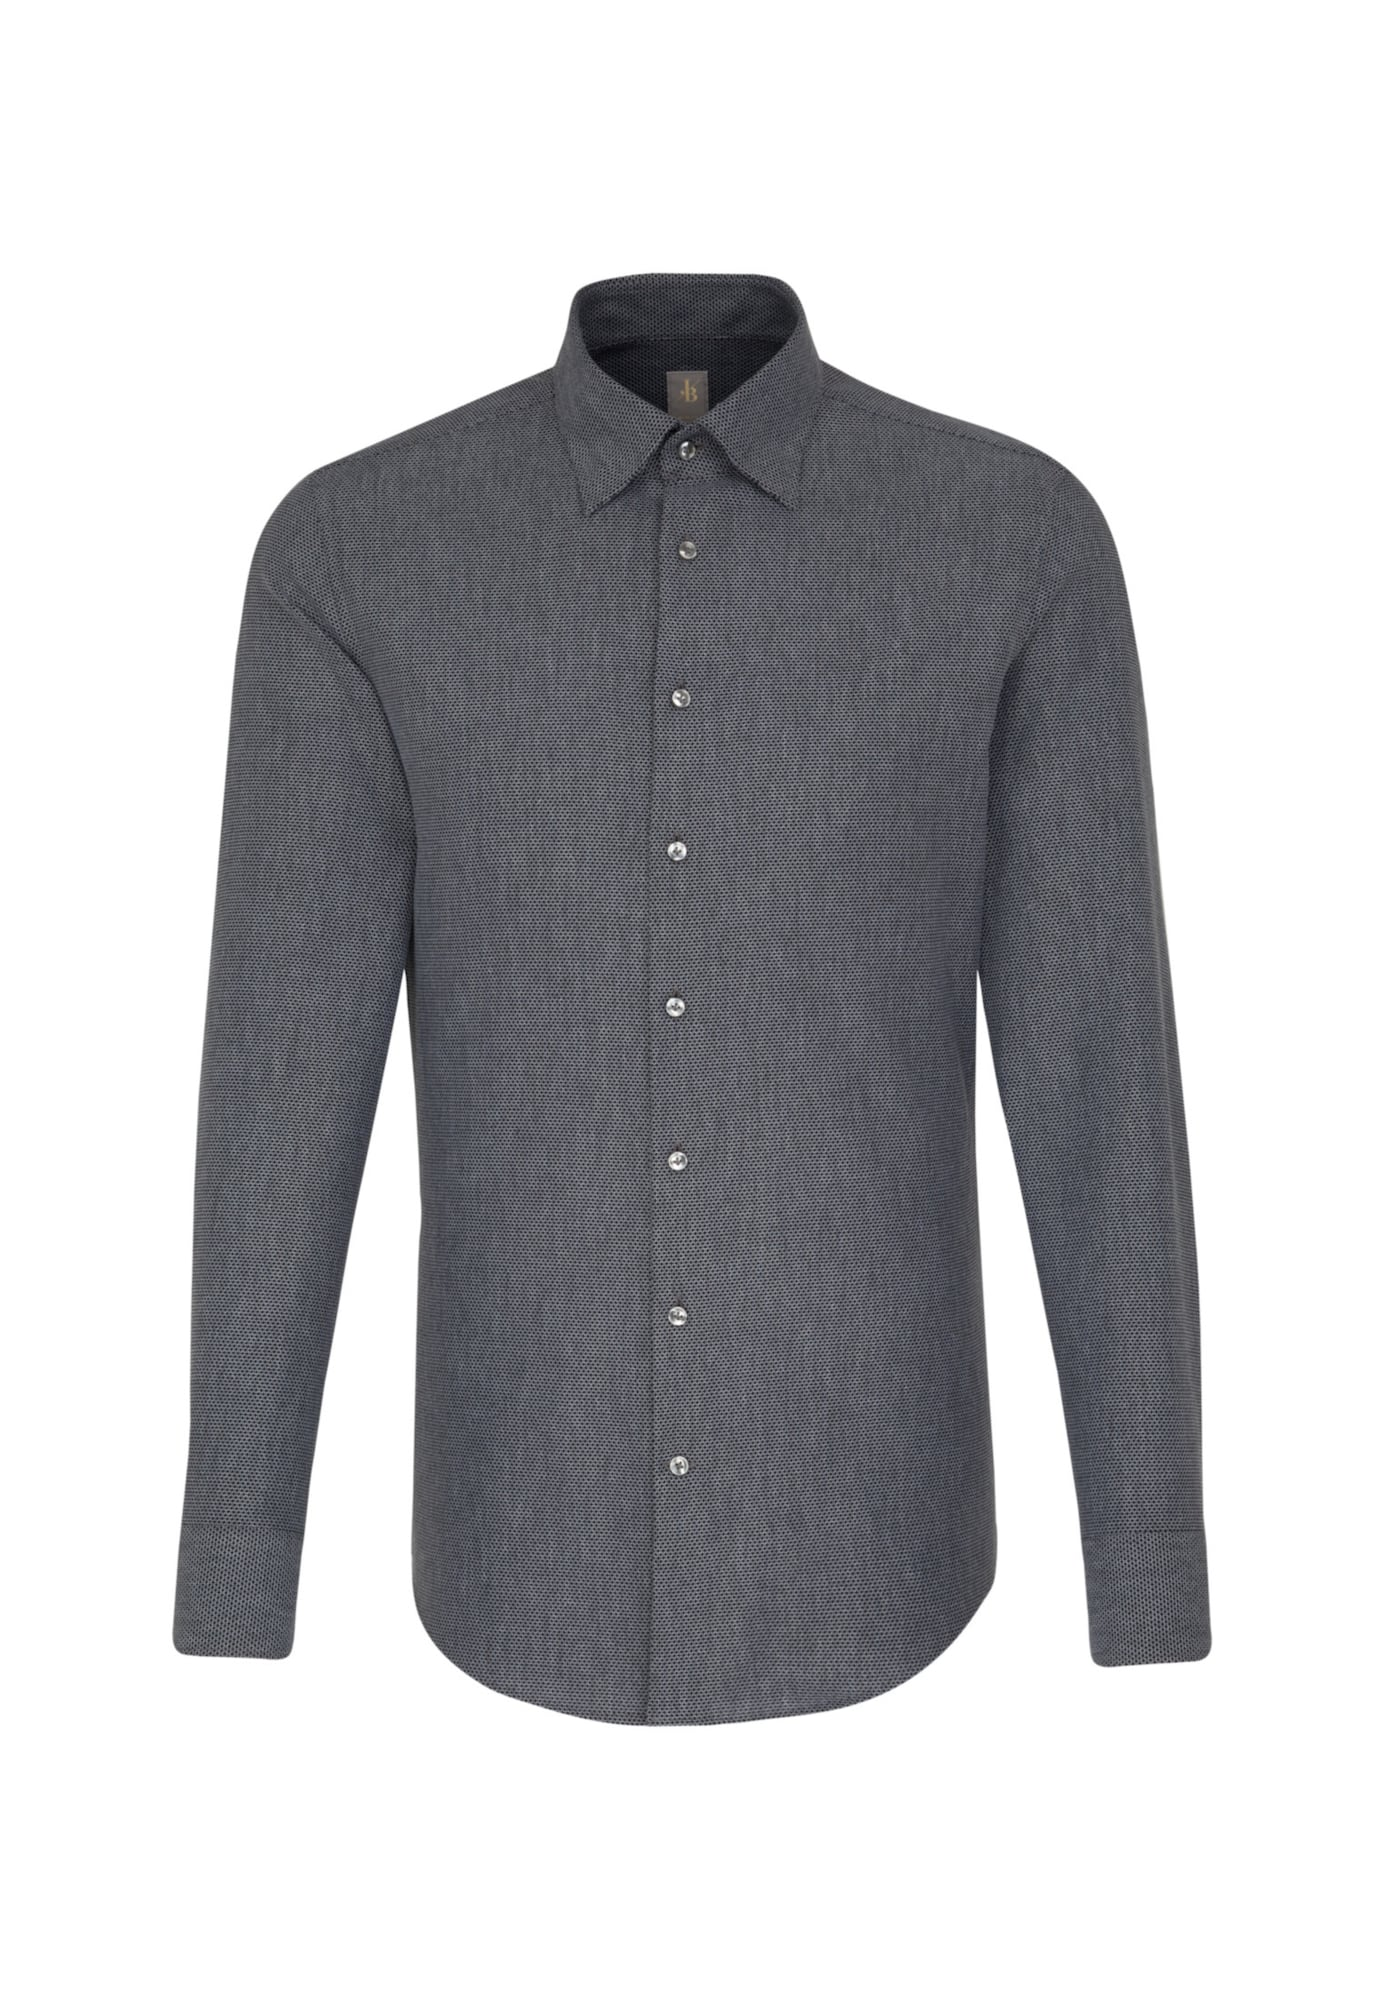 Hemd   Bekleidung > Hemden > Sonstige Hemden   Grau - Dunkelgrau   Jacques Britt